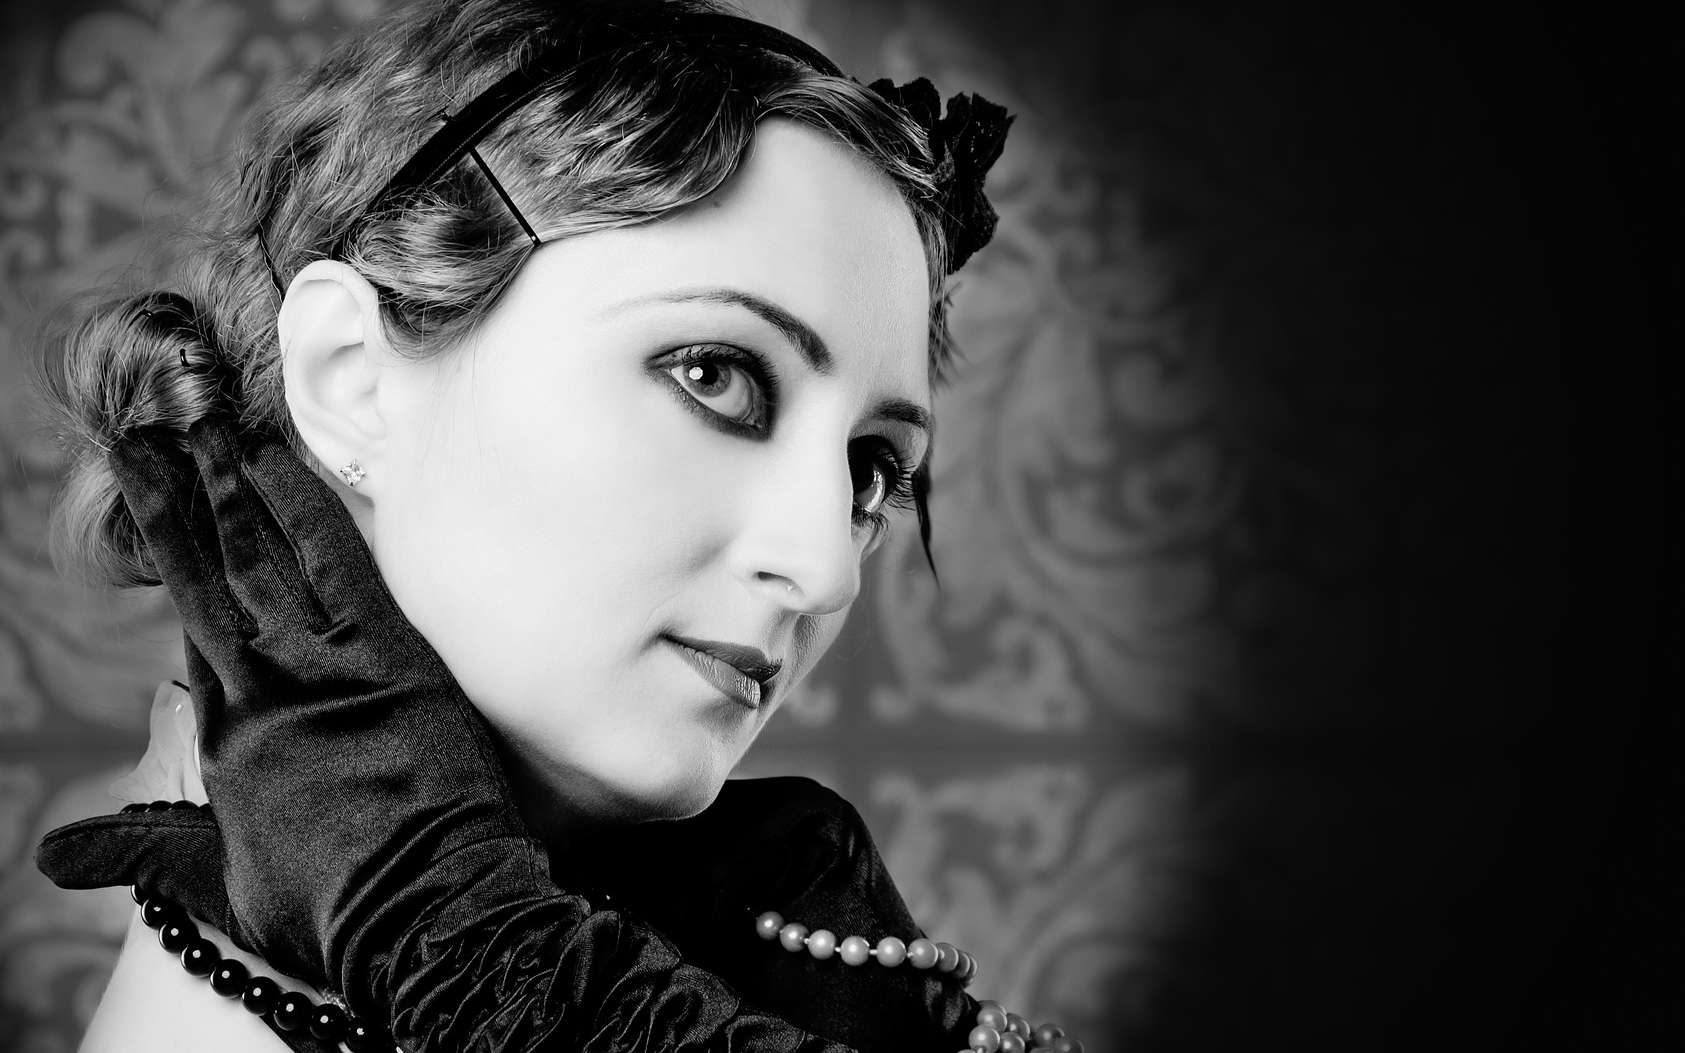 Portrait de femme dans les années 1920 surnommées les Années folles. © irendik, fotolia